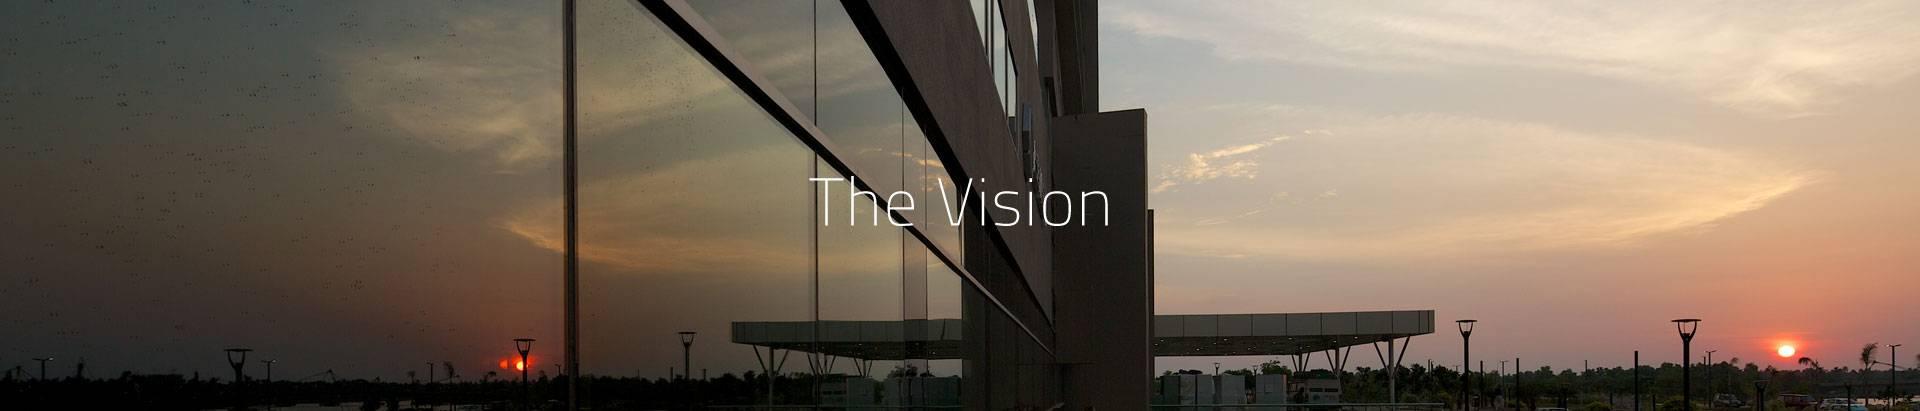 Slider-the vision-01